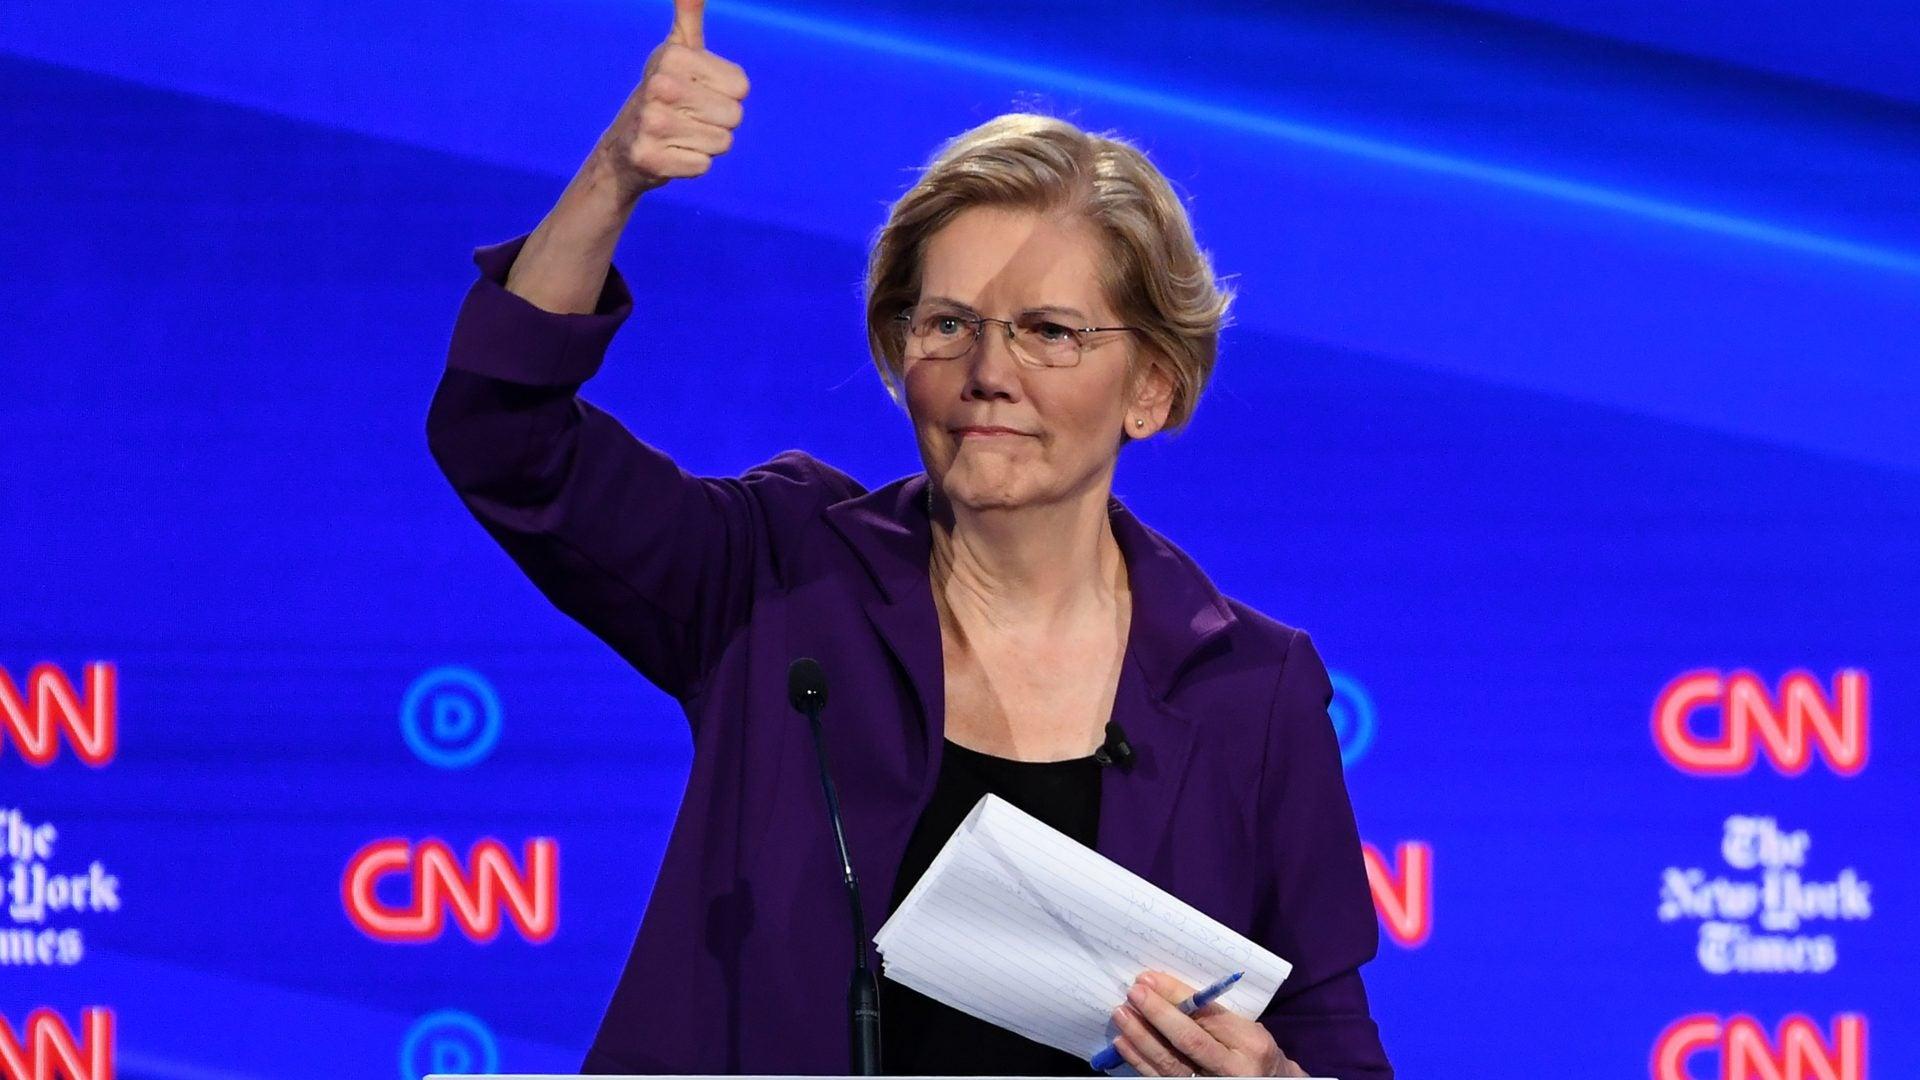 Warren Earns An 'A-,' Biden Earns An 'F' On 2020 Racial Justice Presidential Candidate Scorecard